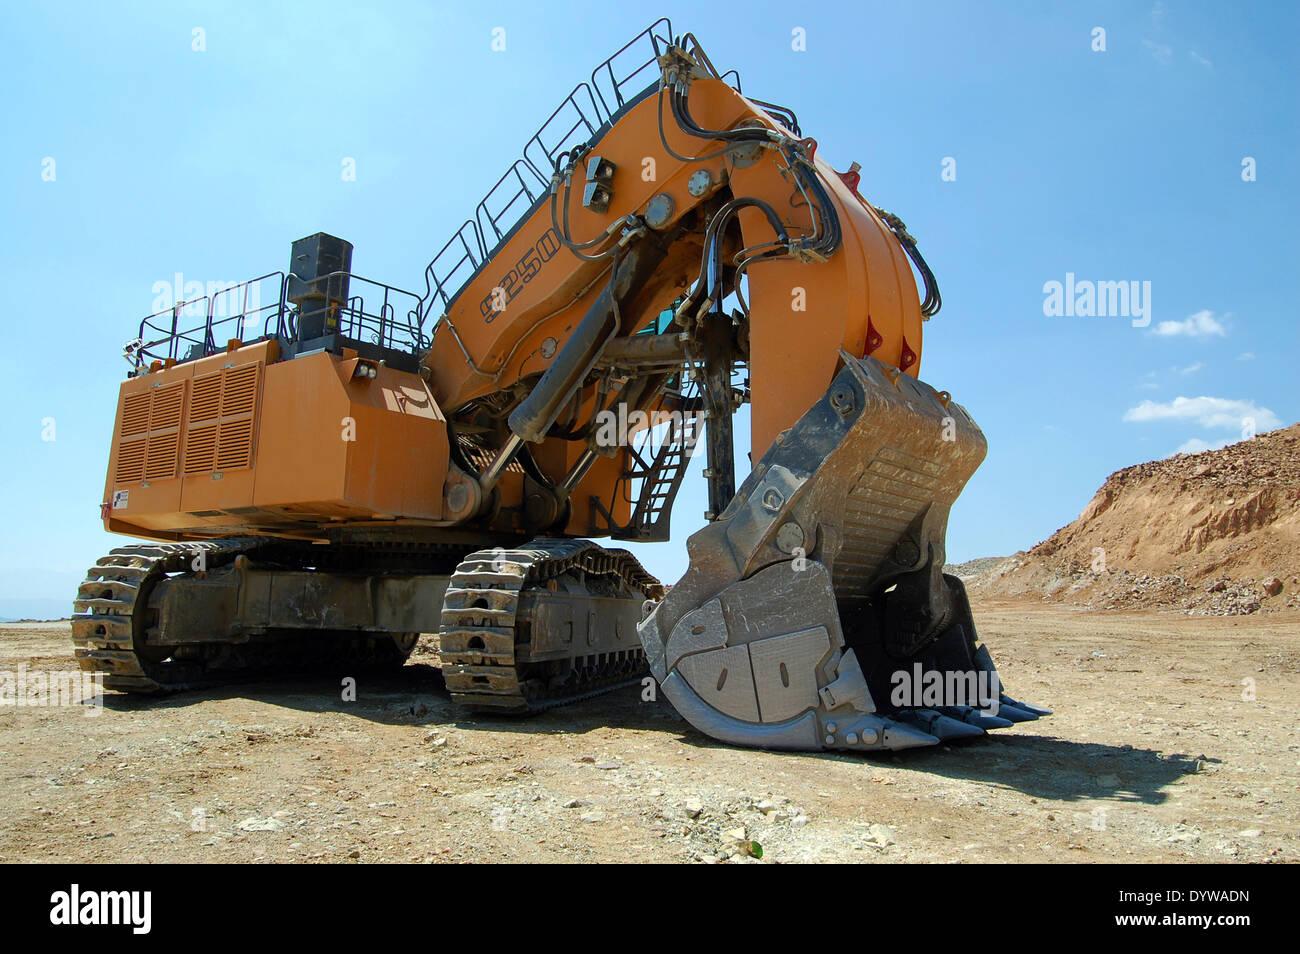 giant cat excavator - photo #27